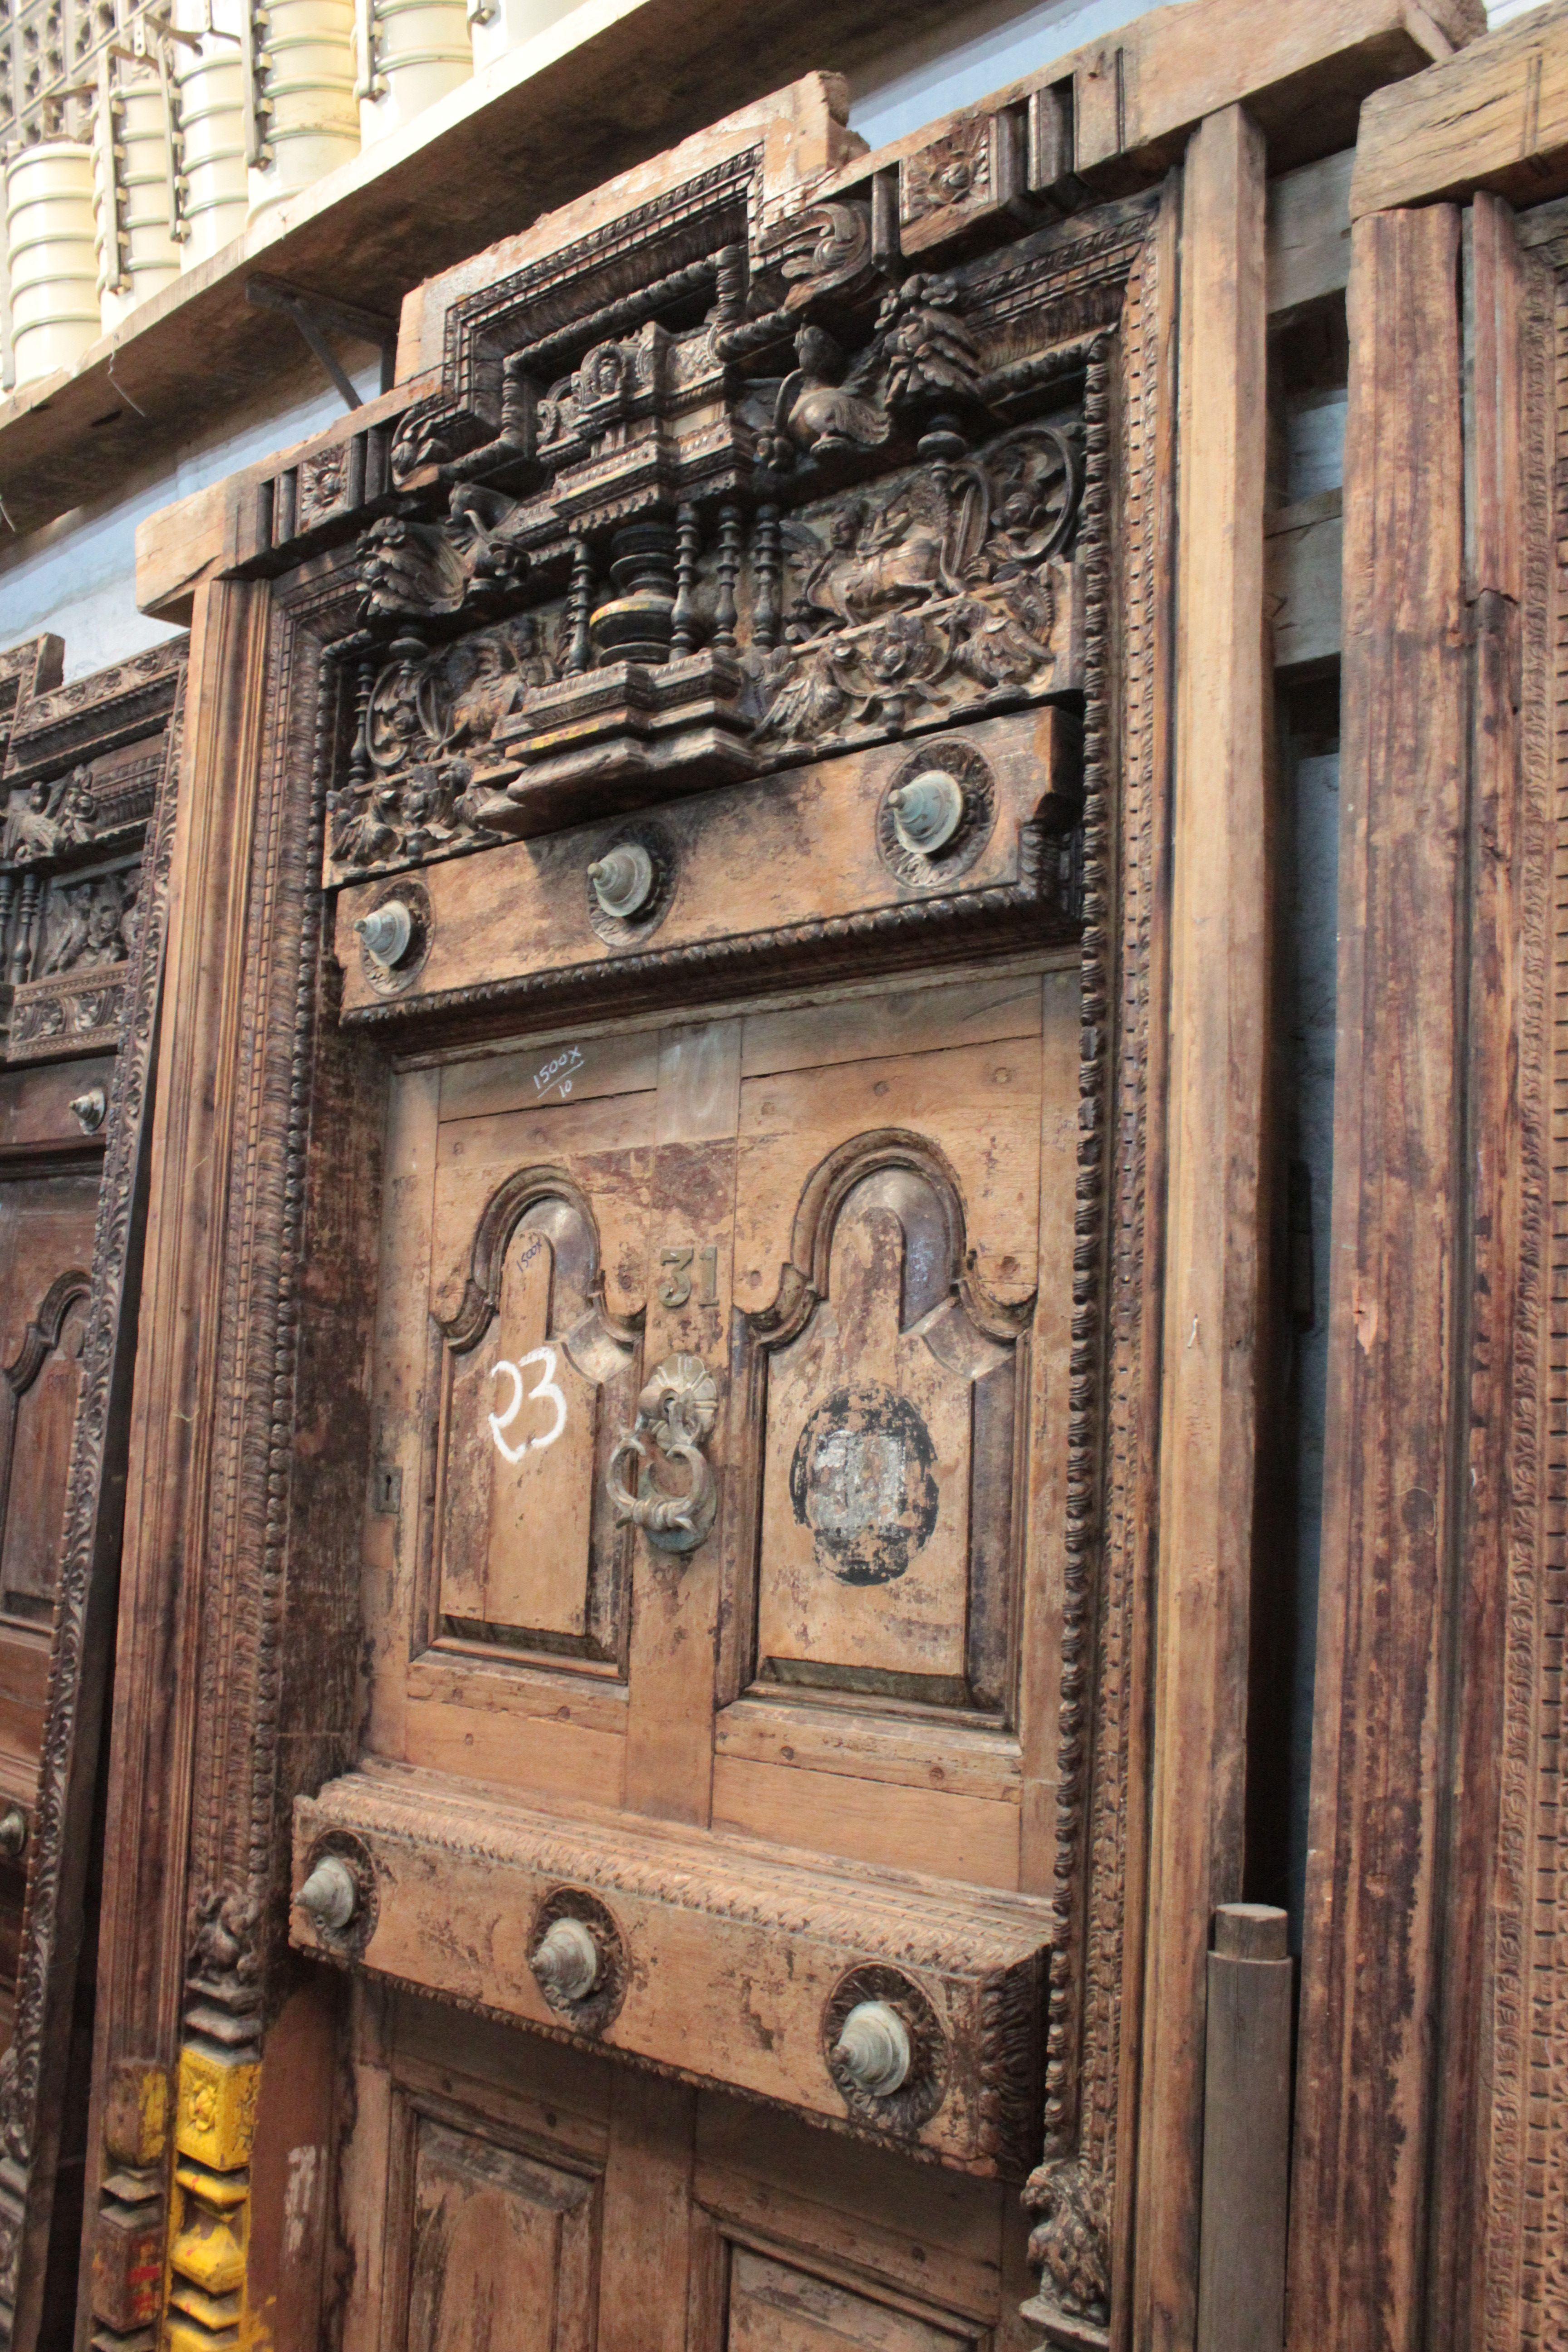 Old Wooden Madrasi Door Vintage Collectible Piece